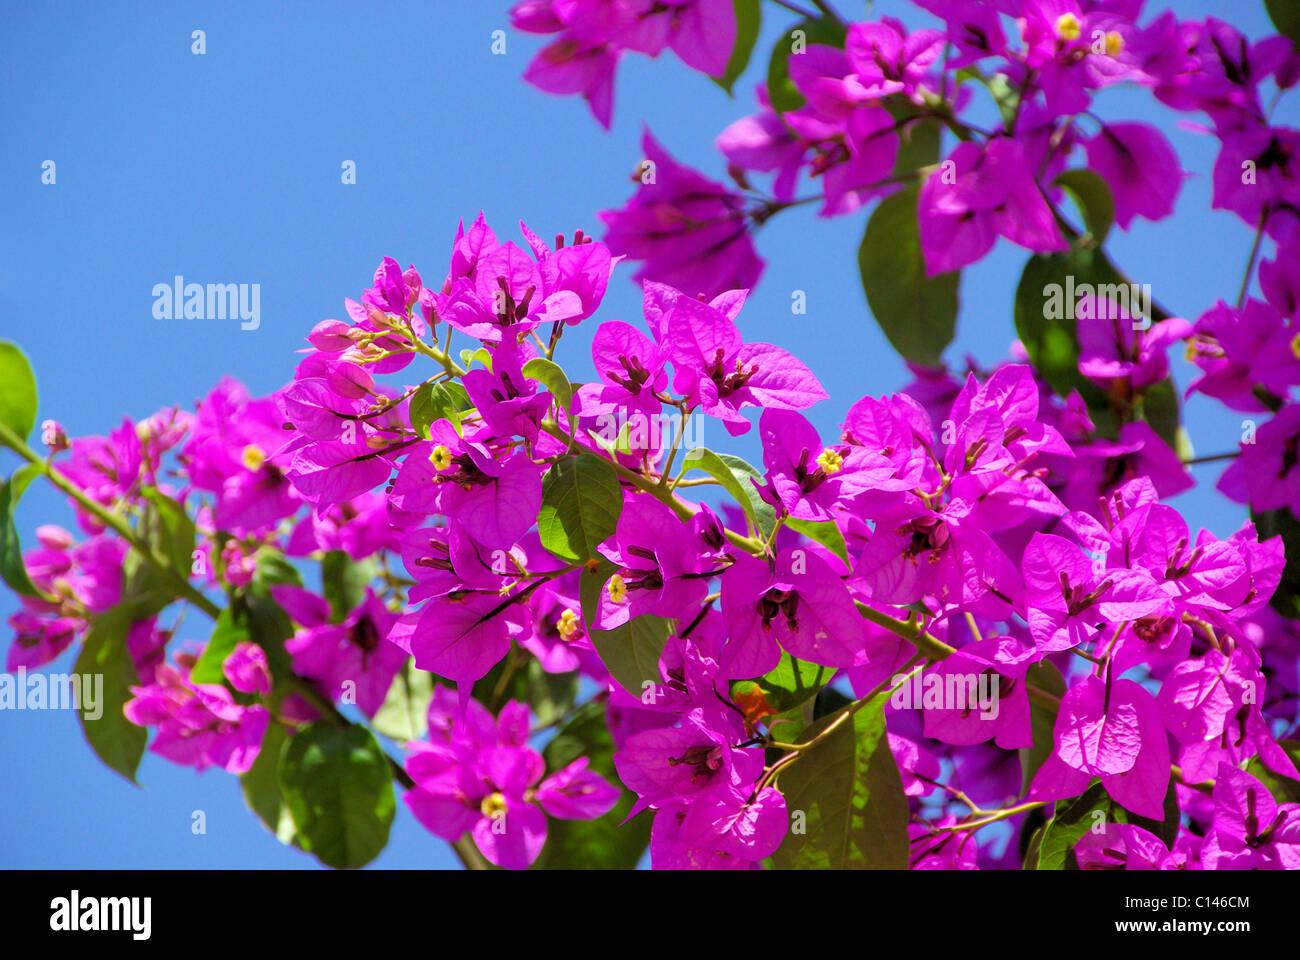 Bougainvillea 20 - Stock Image